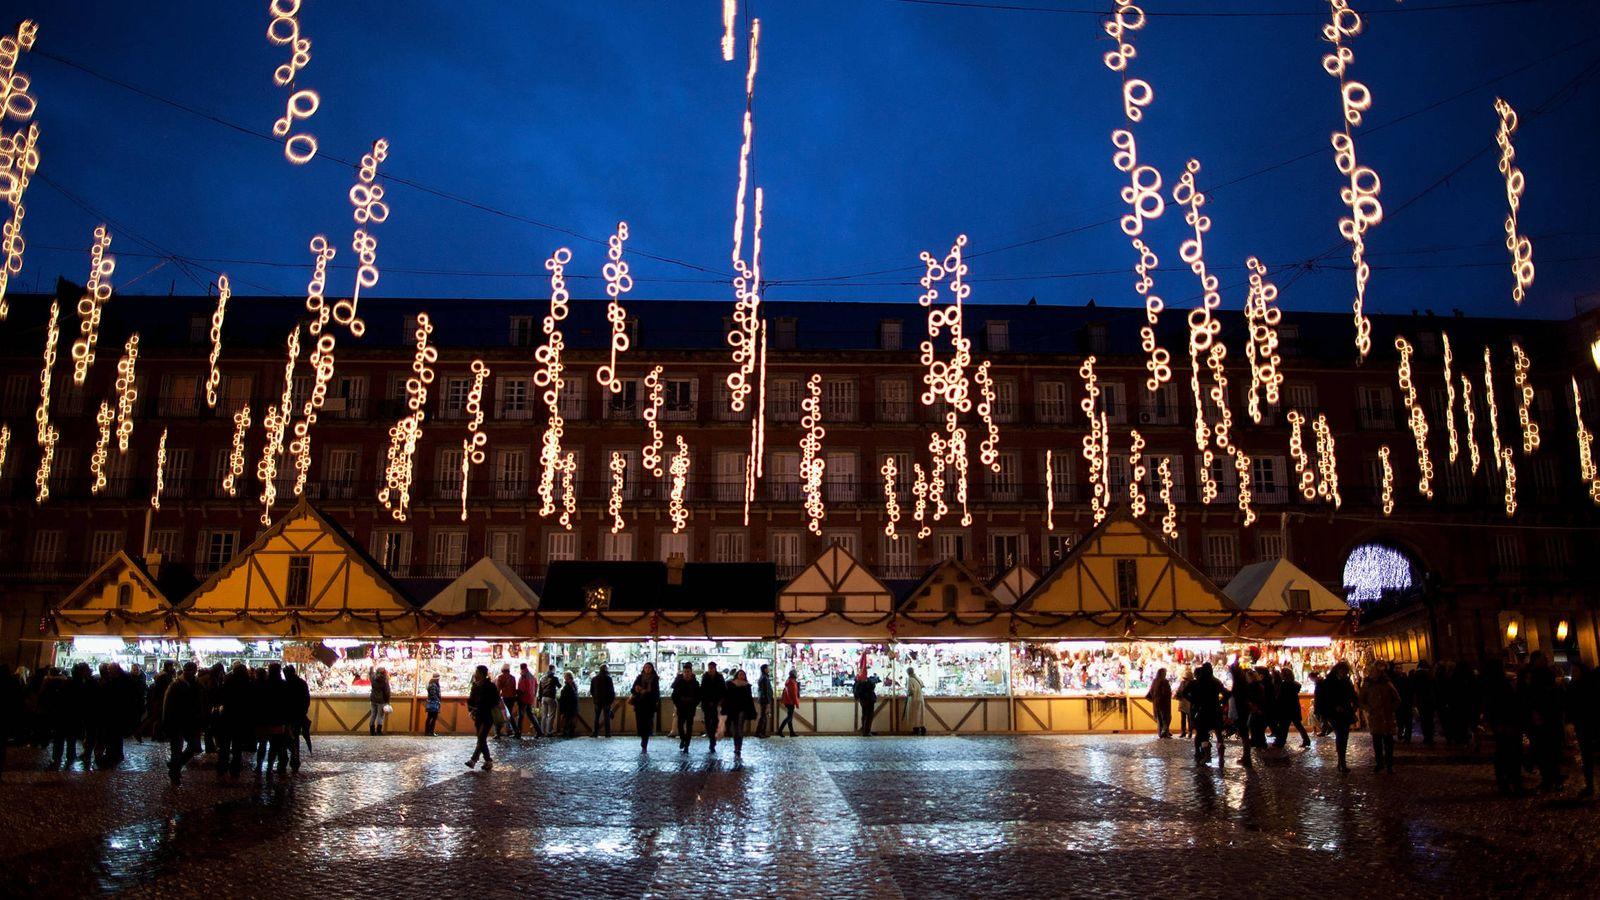 Foto: Mercado navideño en la Plaza Mayor de Madrid. (Getty)